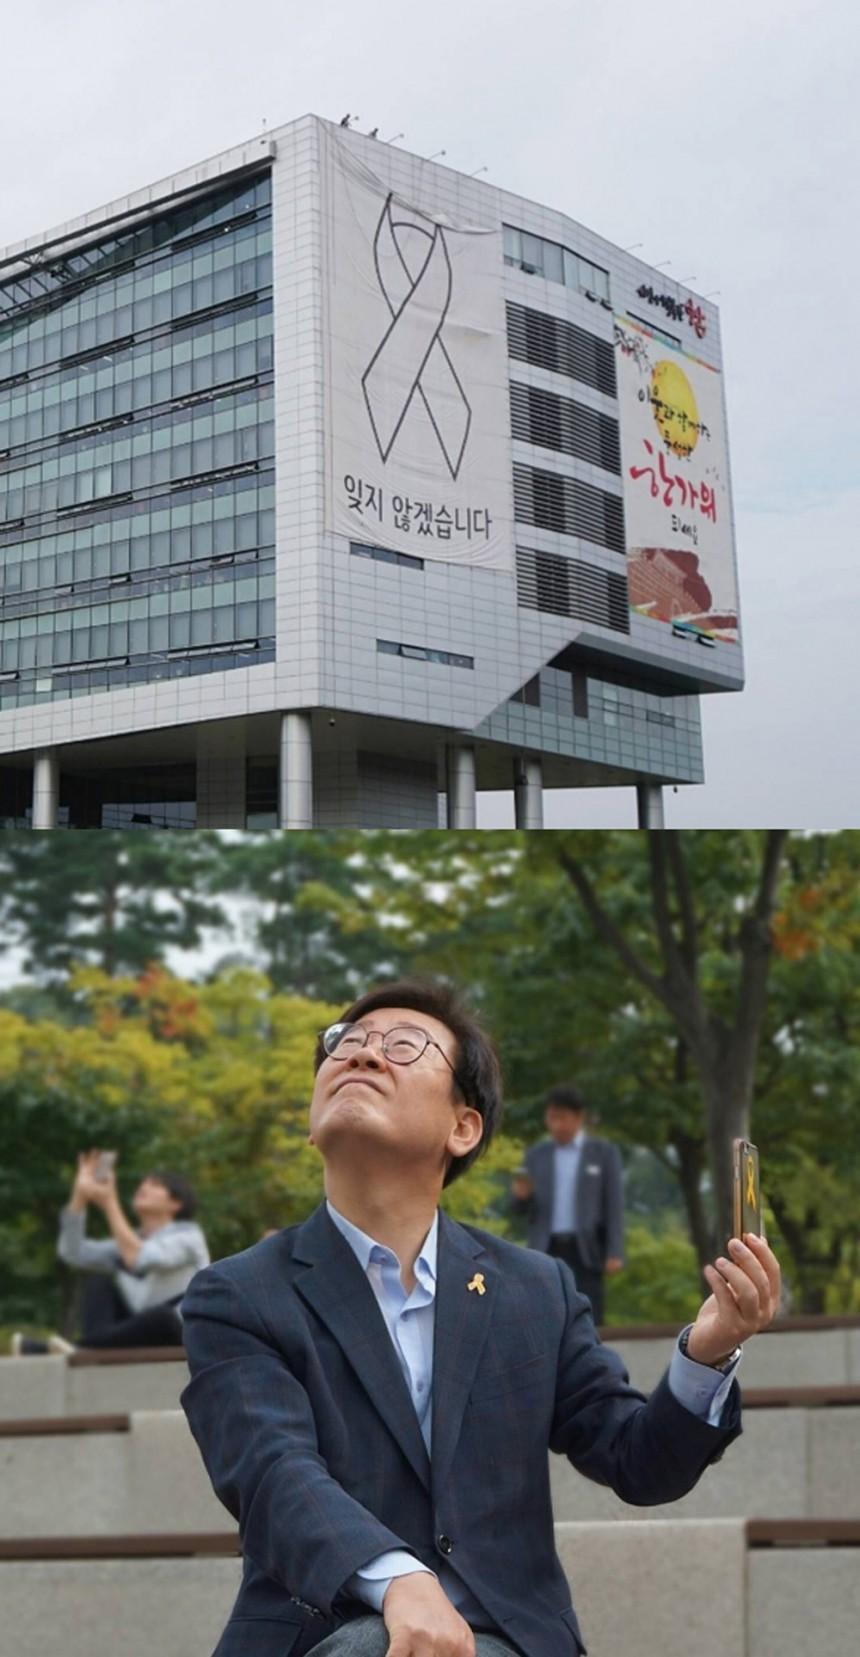 (위)세월호 현수막 철거 중인 성남시청사 모습 (아래) 이재명 시장 / 이재명 인스타그램